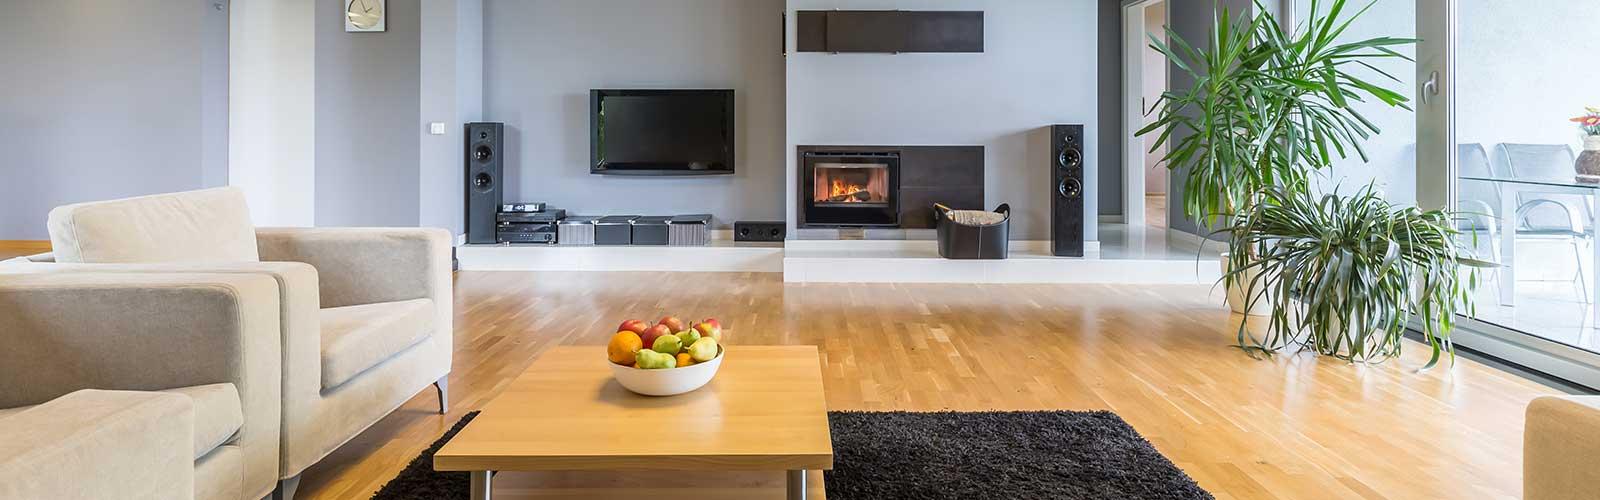 Wohnbereich mit weißen Möbeln